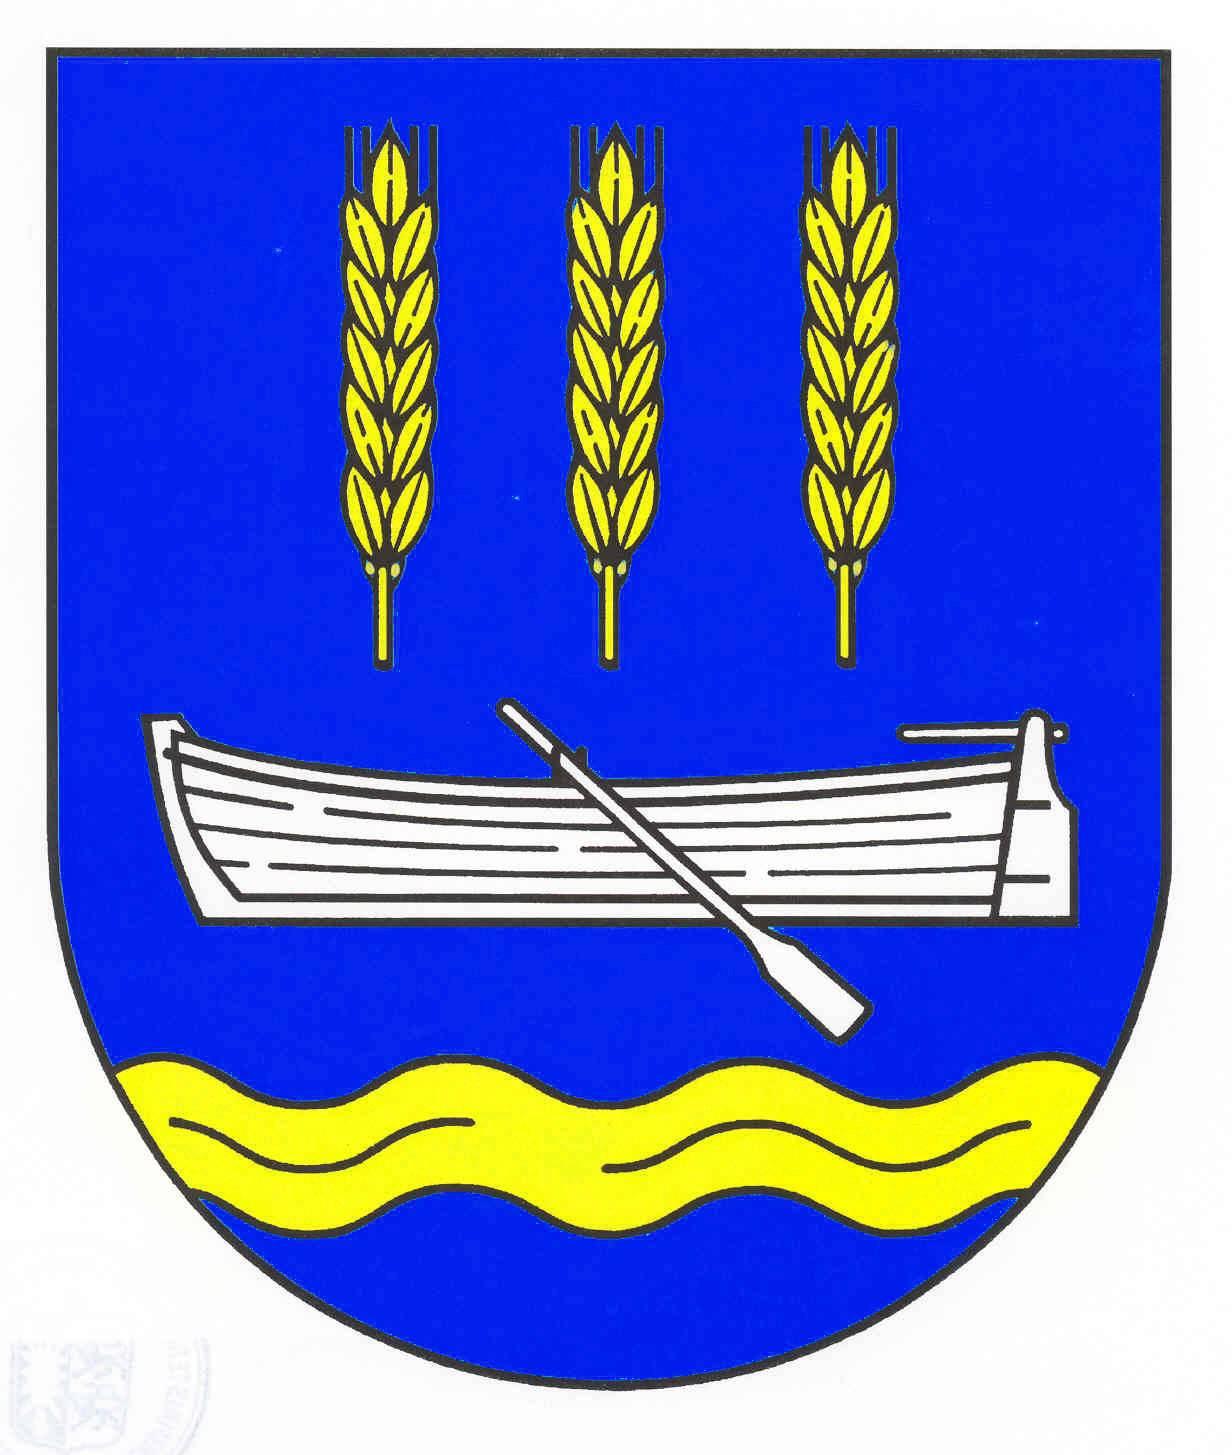 Wappen GemeindeNeufeld, Kreis Dithmarschen